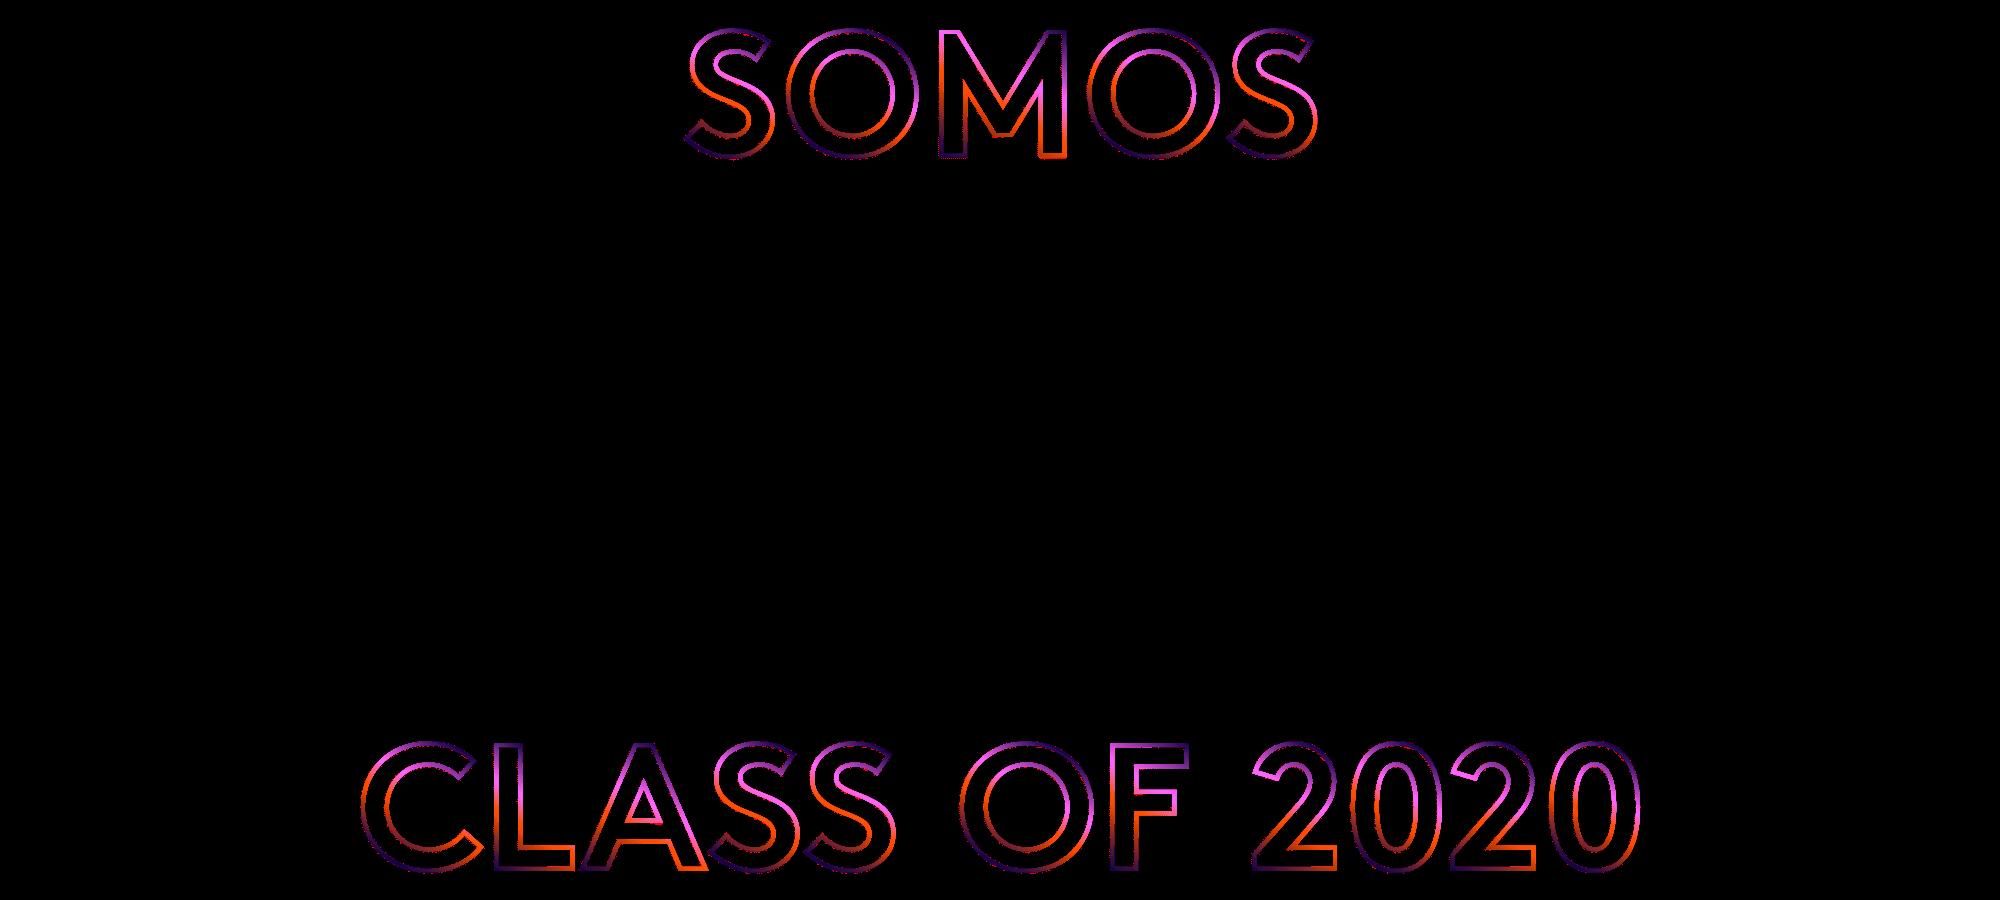 Somos Class of 2020